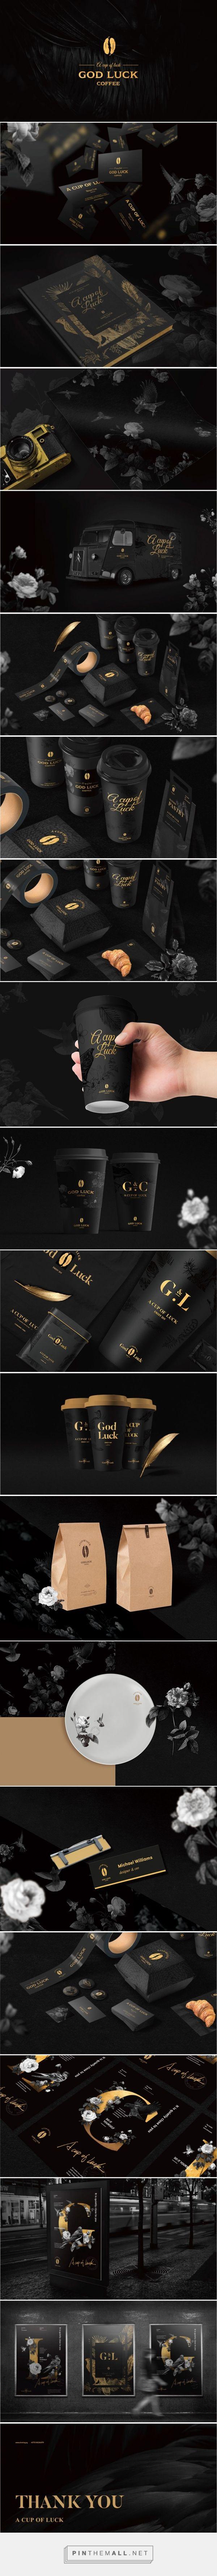 Una taza de café de suerte de marca y el embalaje por Jem Wong |  Fivestar Branding Agency - Agencia de Diseño y Branding & Inspiración Curada Gallery